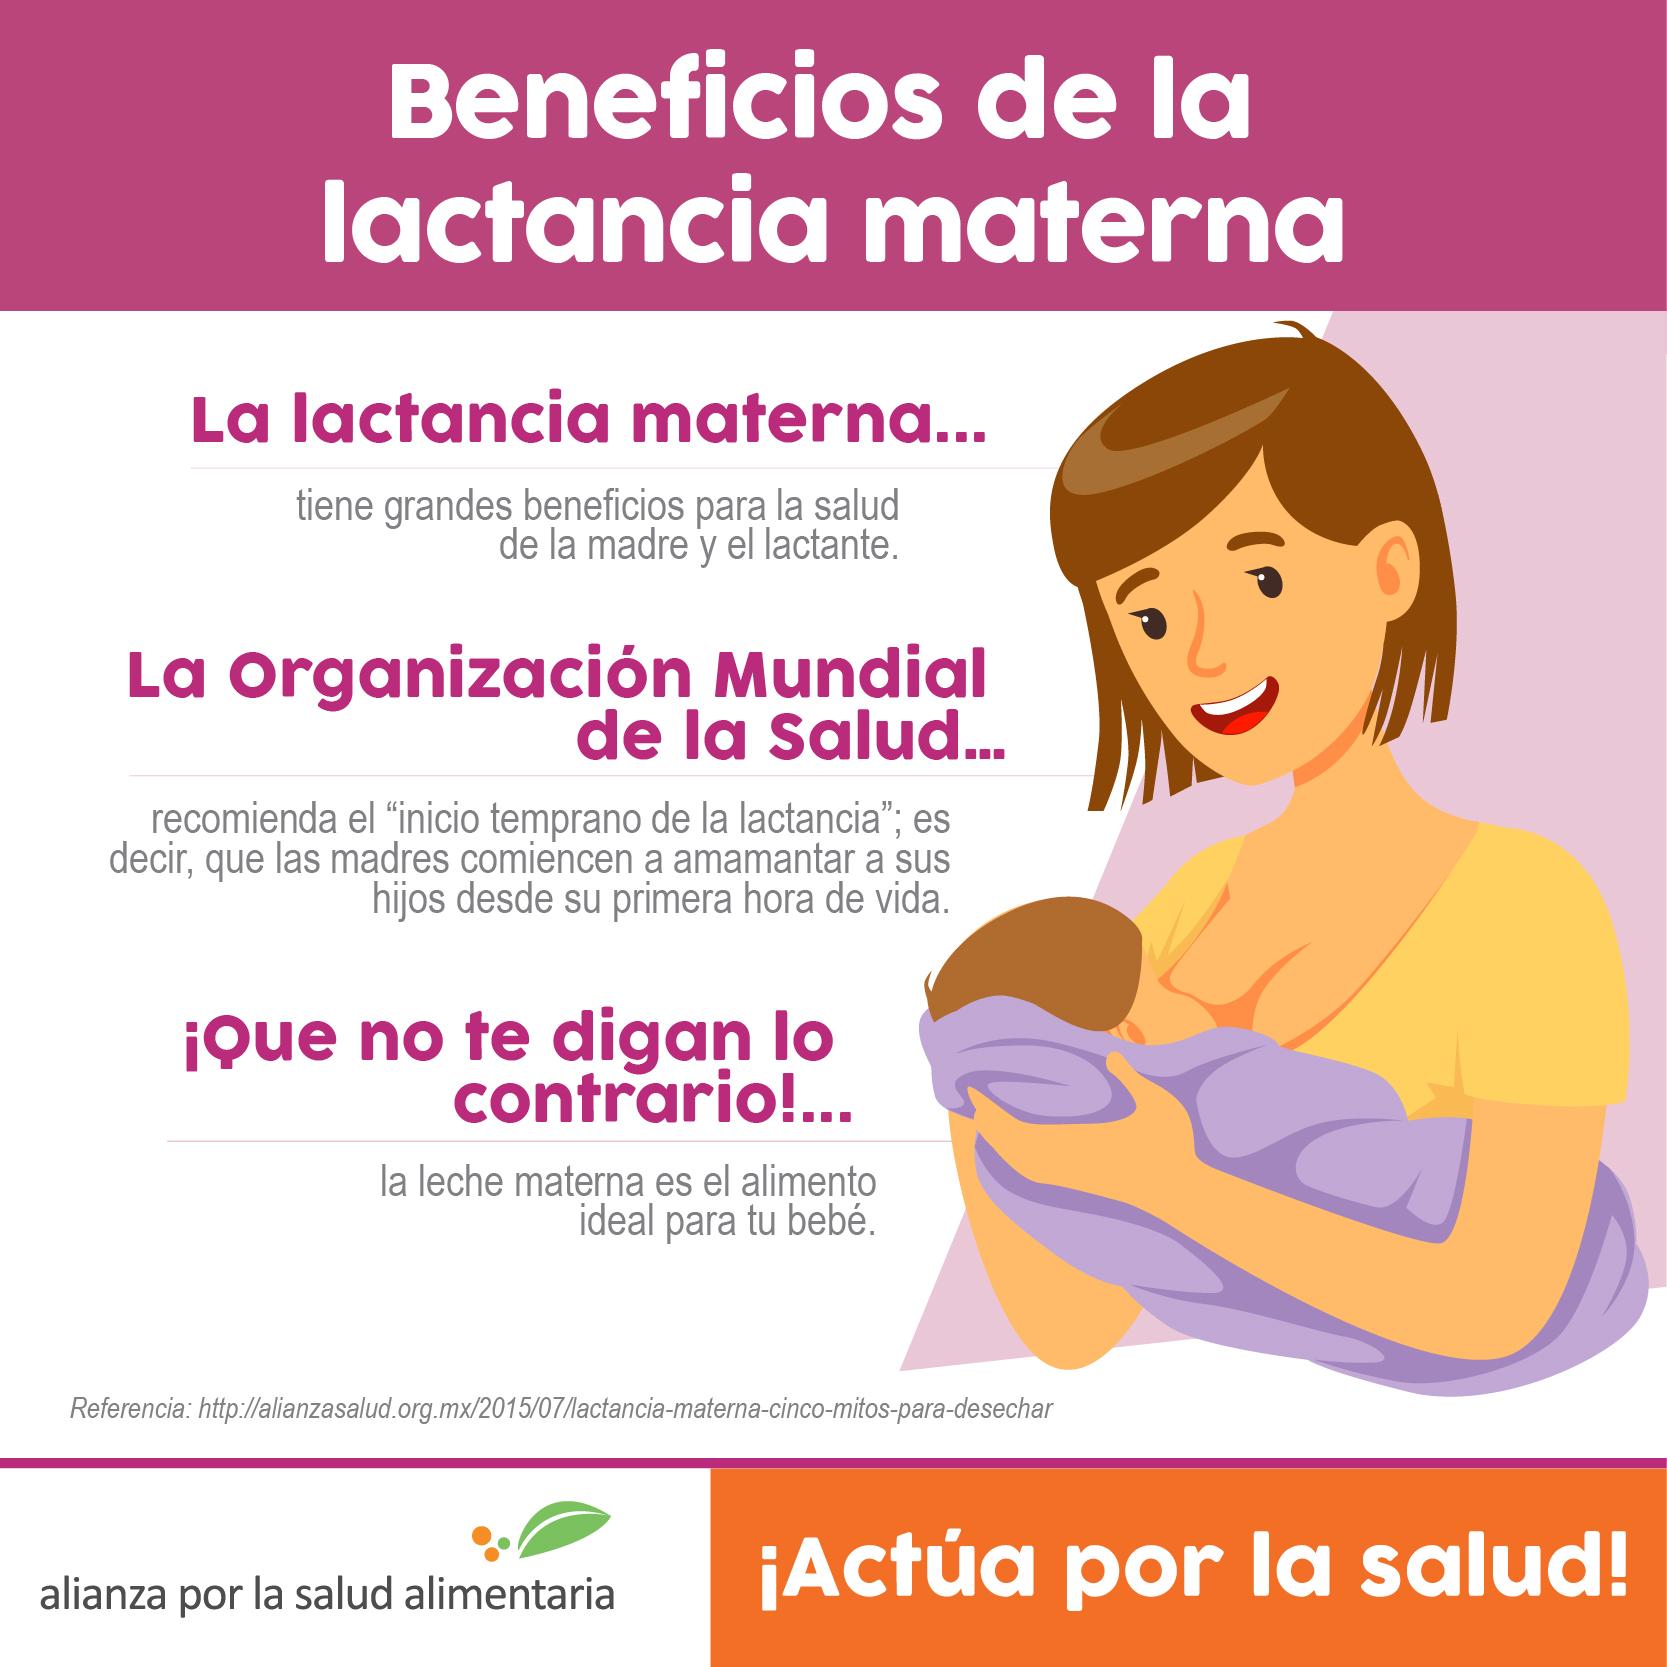 Durante pdf materna la madre lactancia de alimentacion la